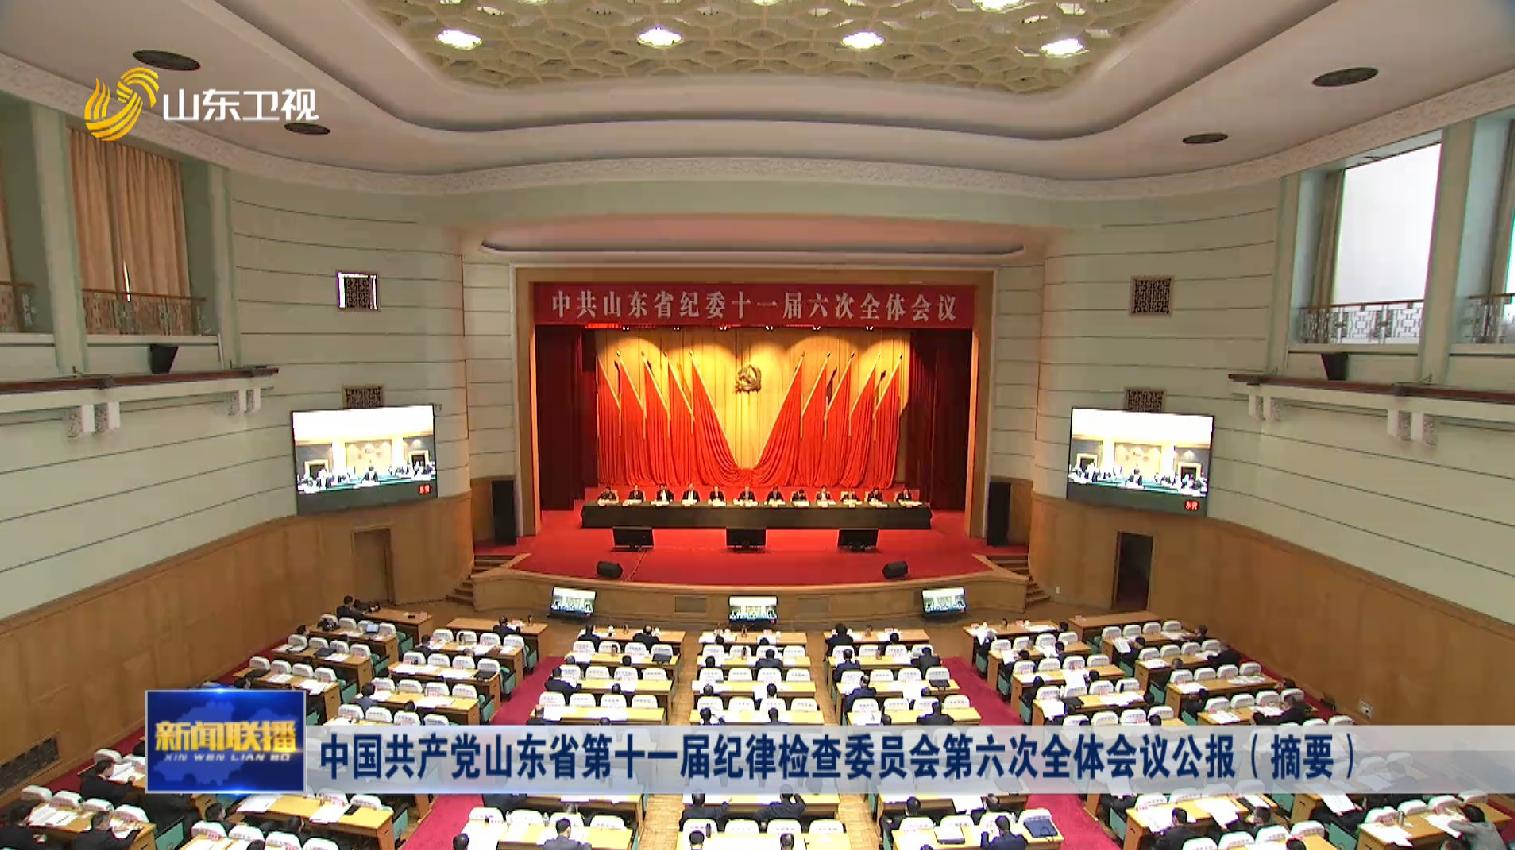 中国共产党山东省第十一届纪律检查委员会第六次全体会议公报